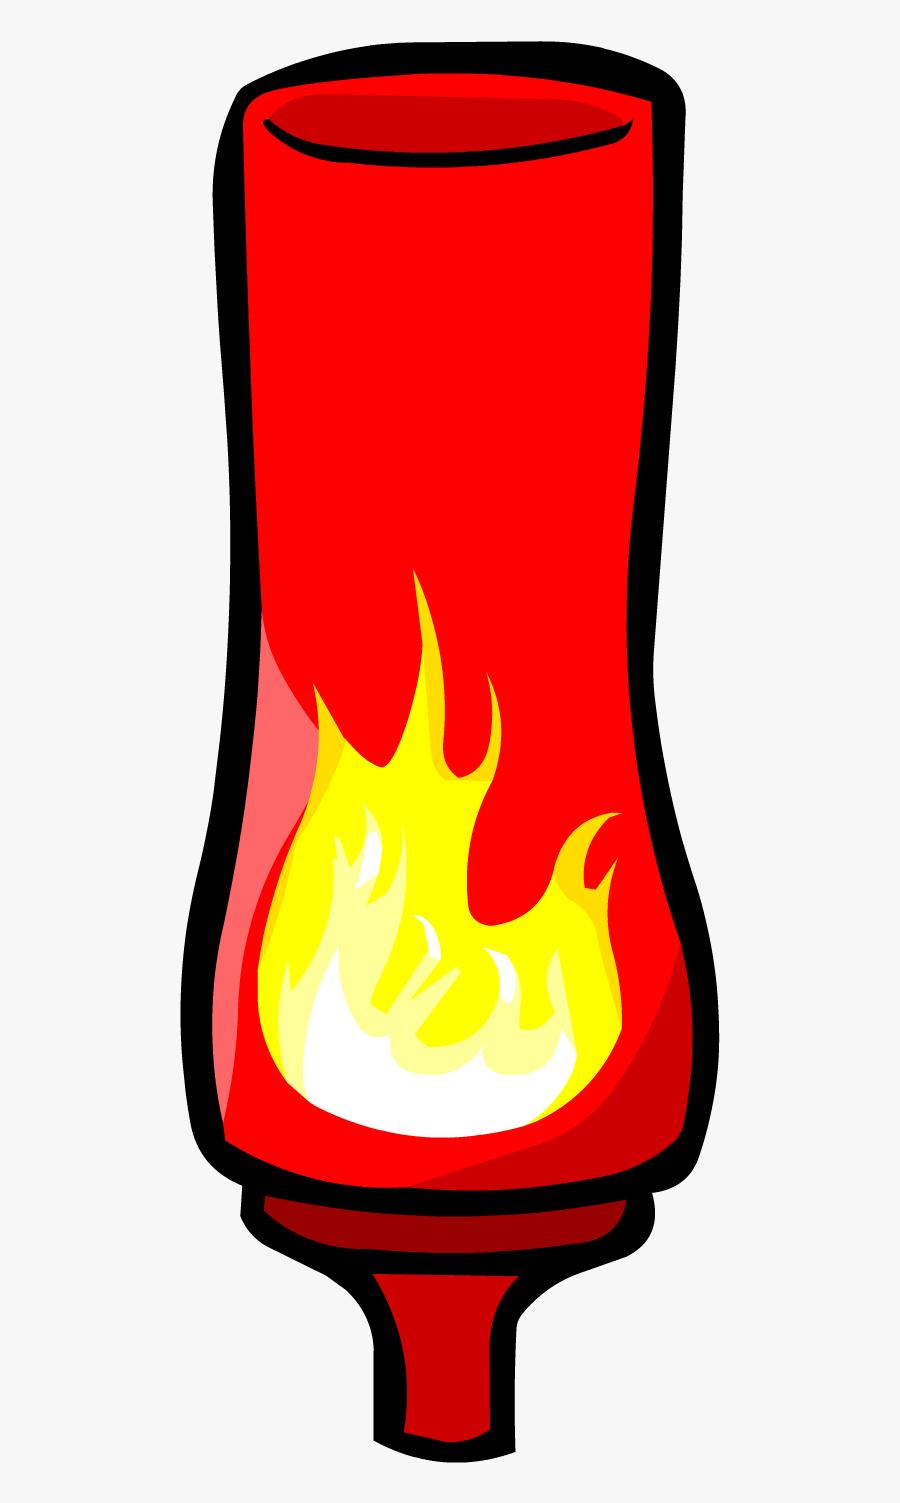 Hot Sauce Png - Club Penguin Hot Sauce, Transparent Clipart